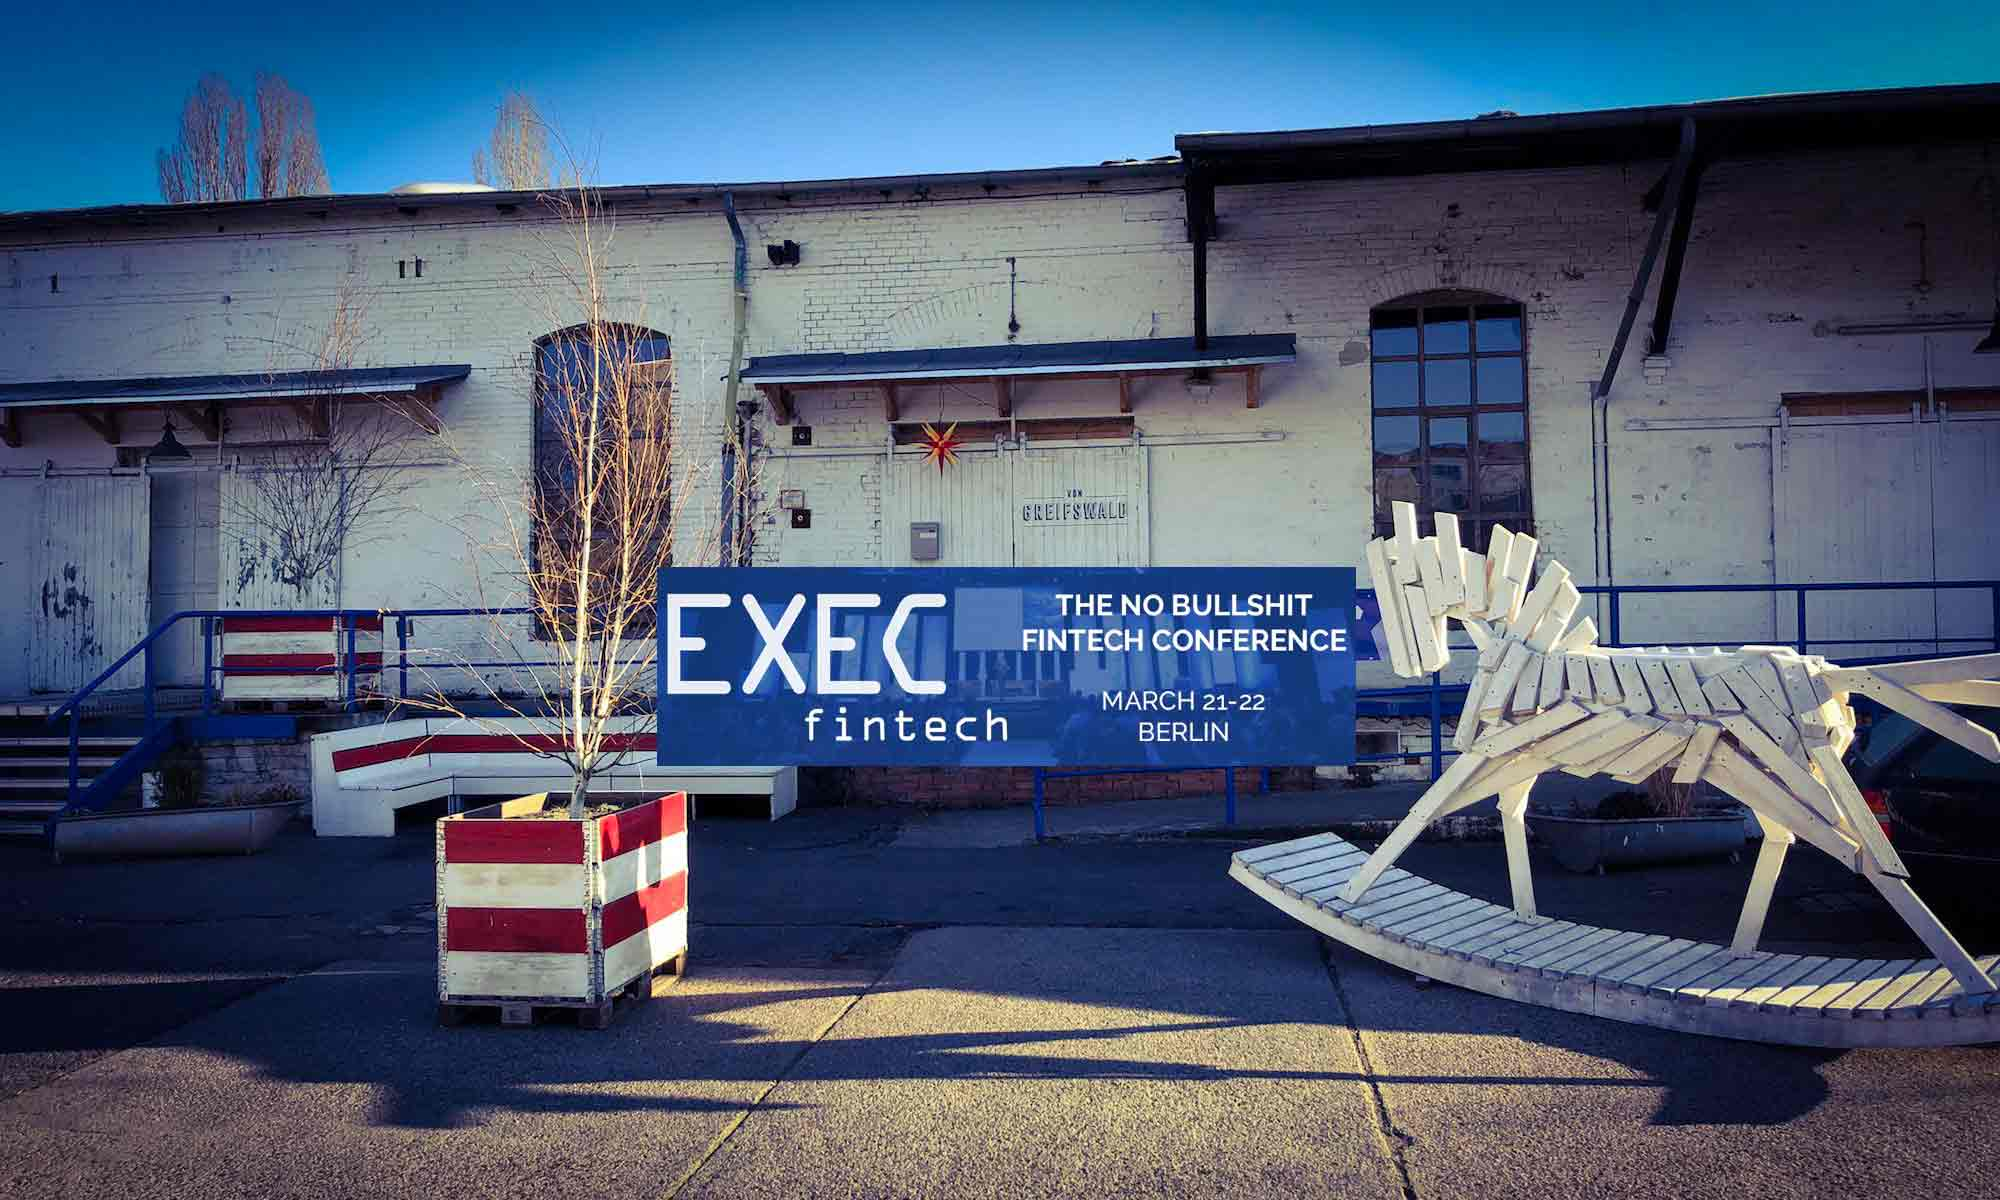 bsurance @execfintech